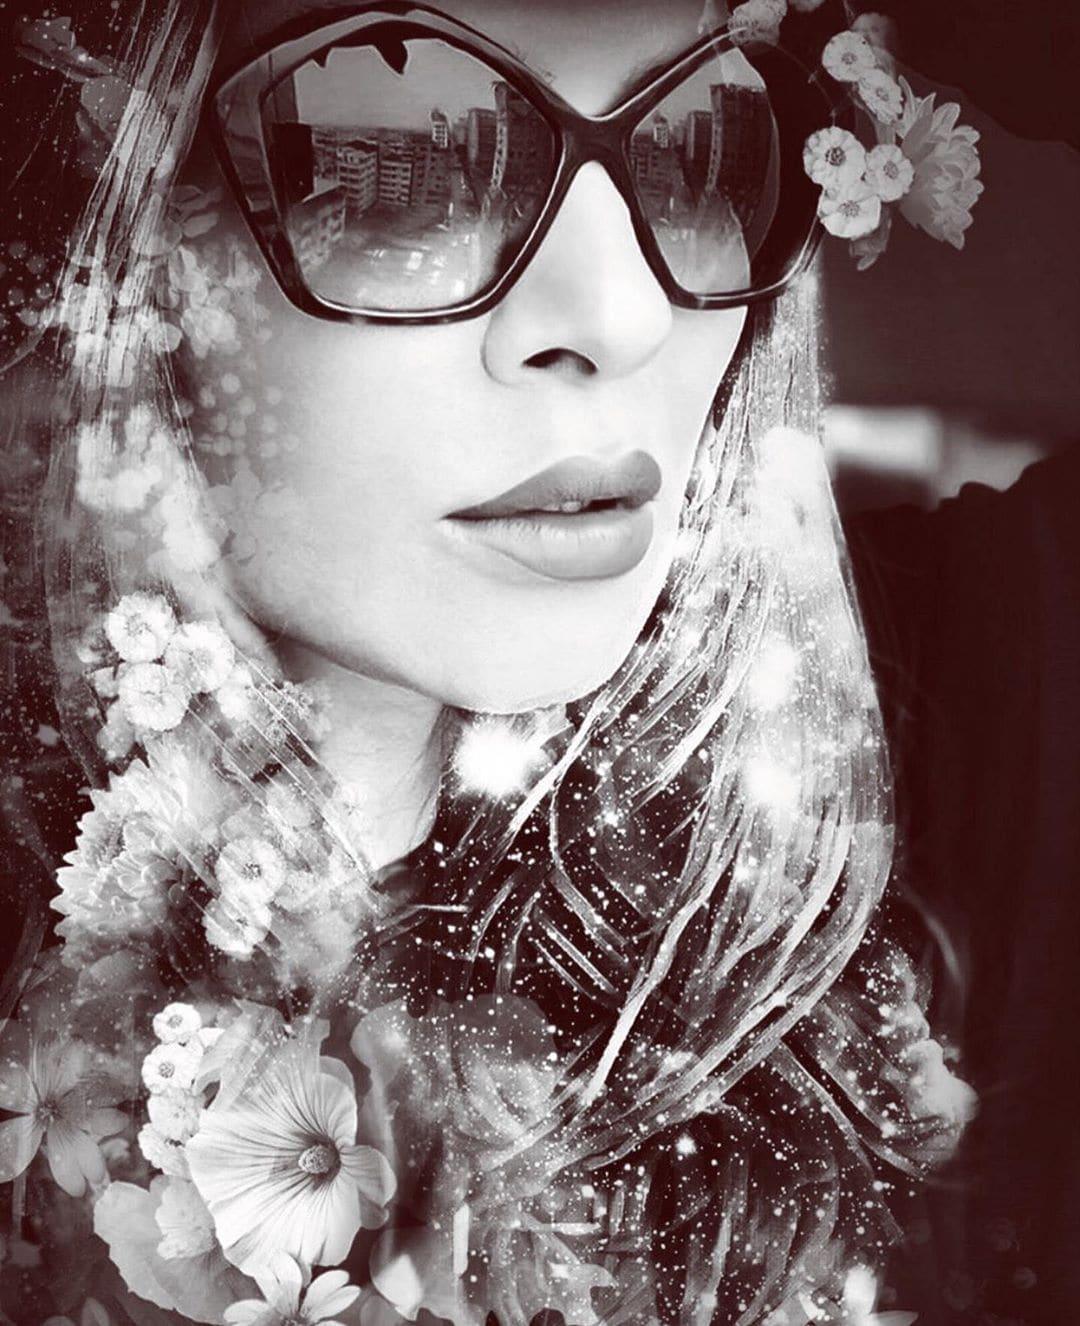 సుస్మితా సేన్ లేటెస్ట్ ఫోటోస్ Photo: Instagram/sushmitasen47